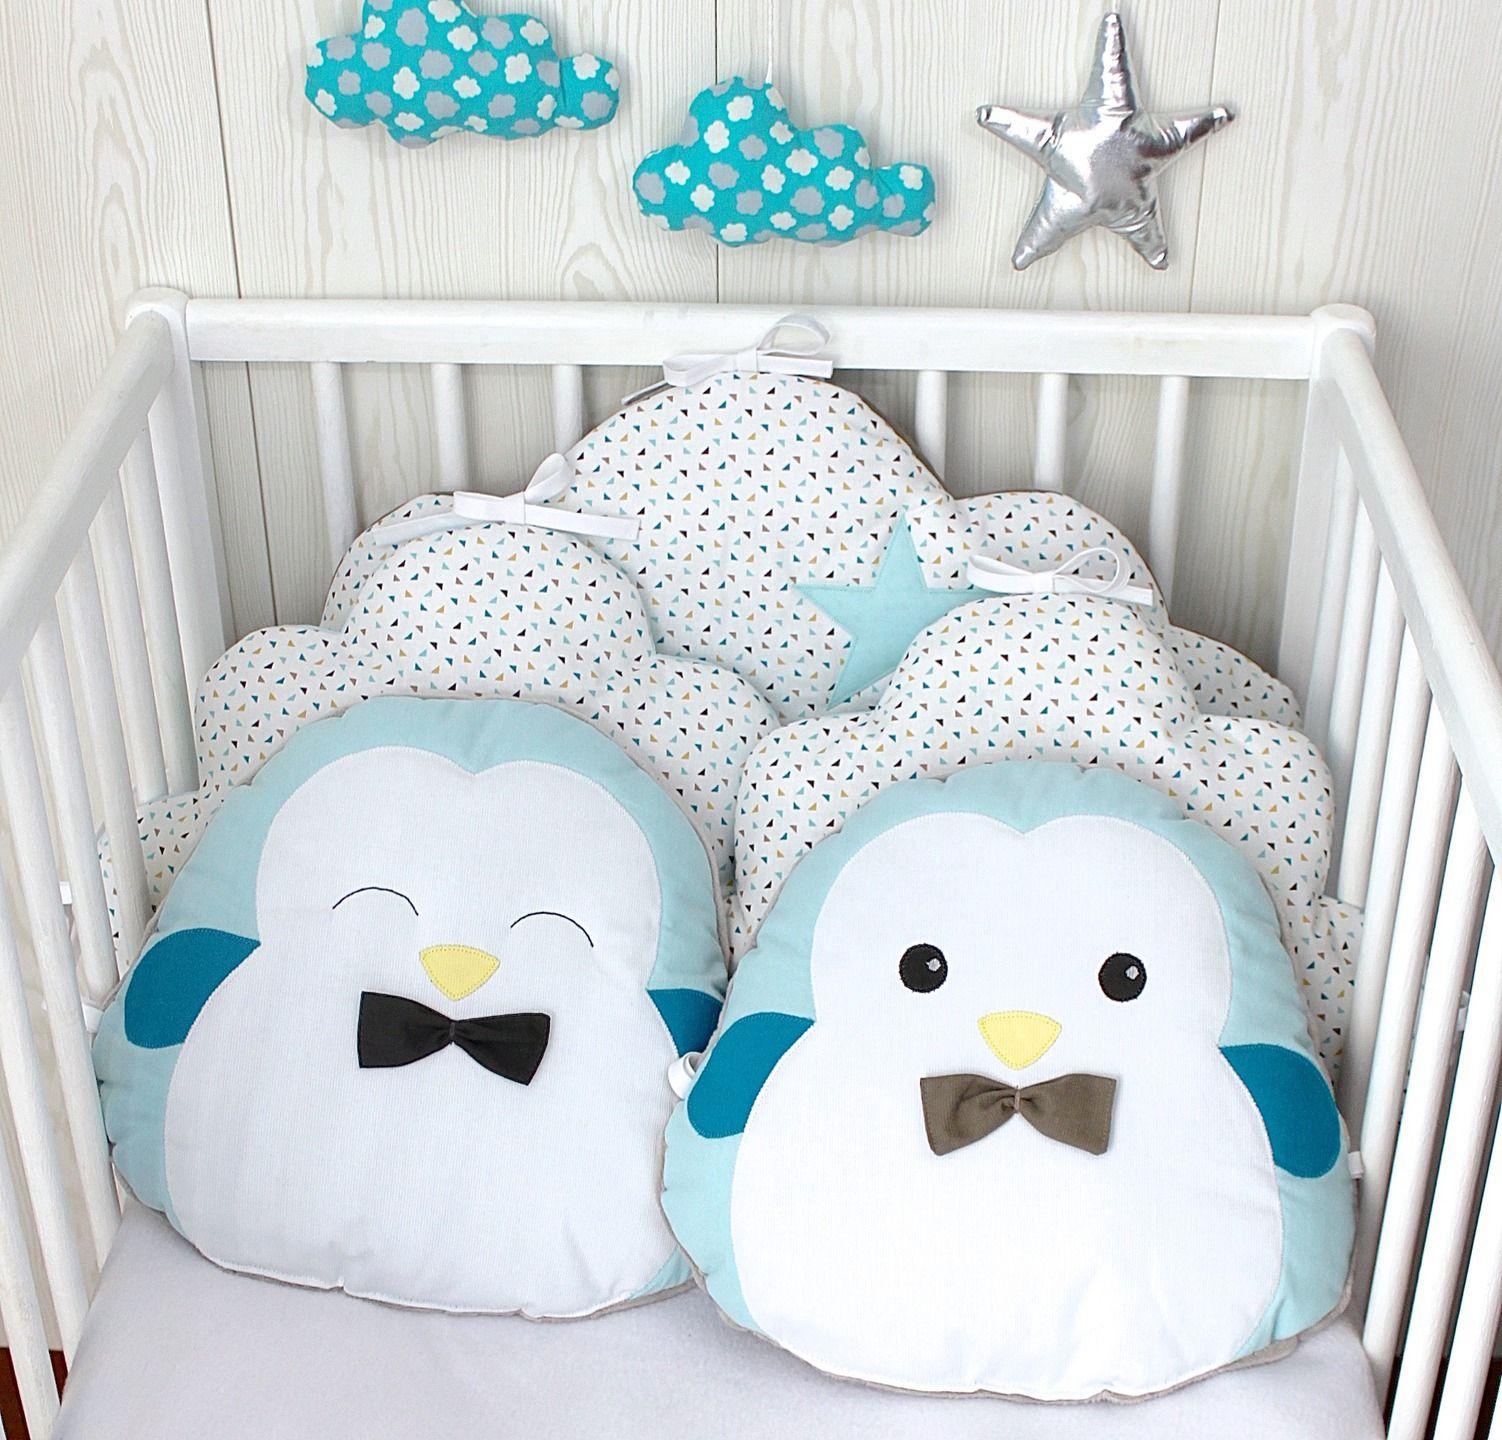 tour de lit b b 60cm large nuage et petits pingouins bleu taupe et blanc petit pingouin. Black Bedroom Furniture Sets. Home Design Ideas